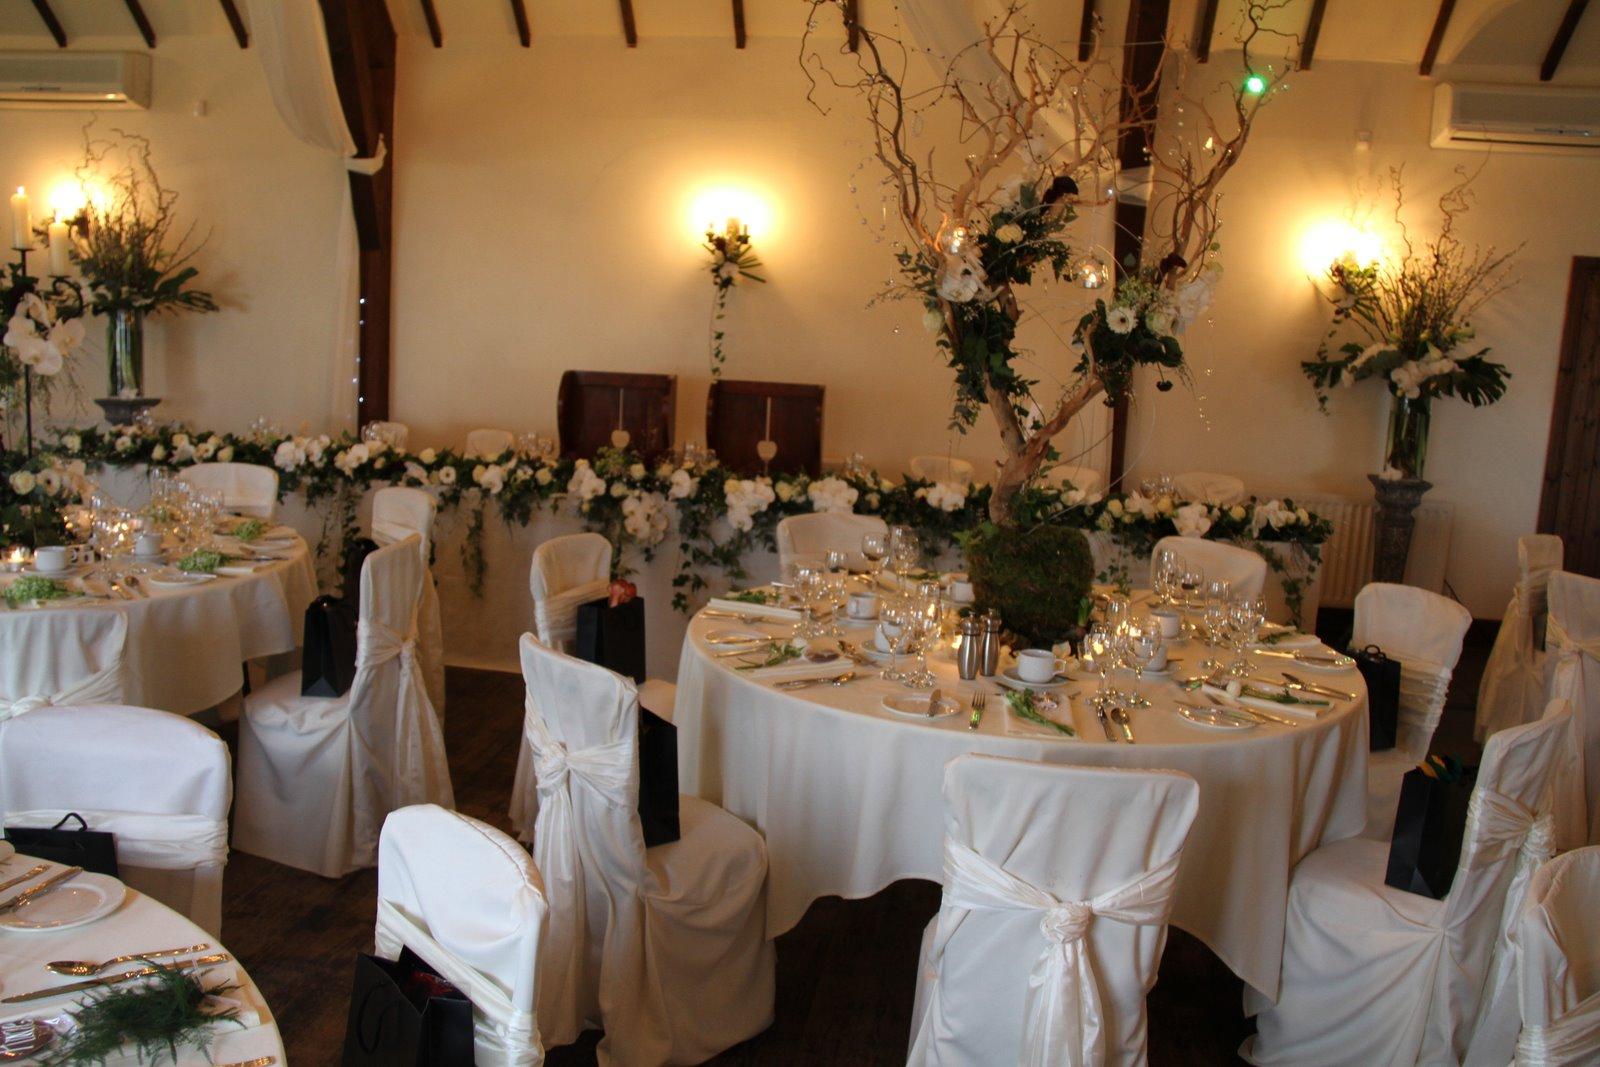 Flower design table centrepieces fabulous black white for Black table centrepieces